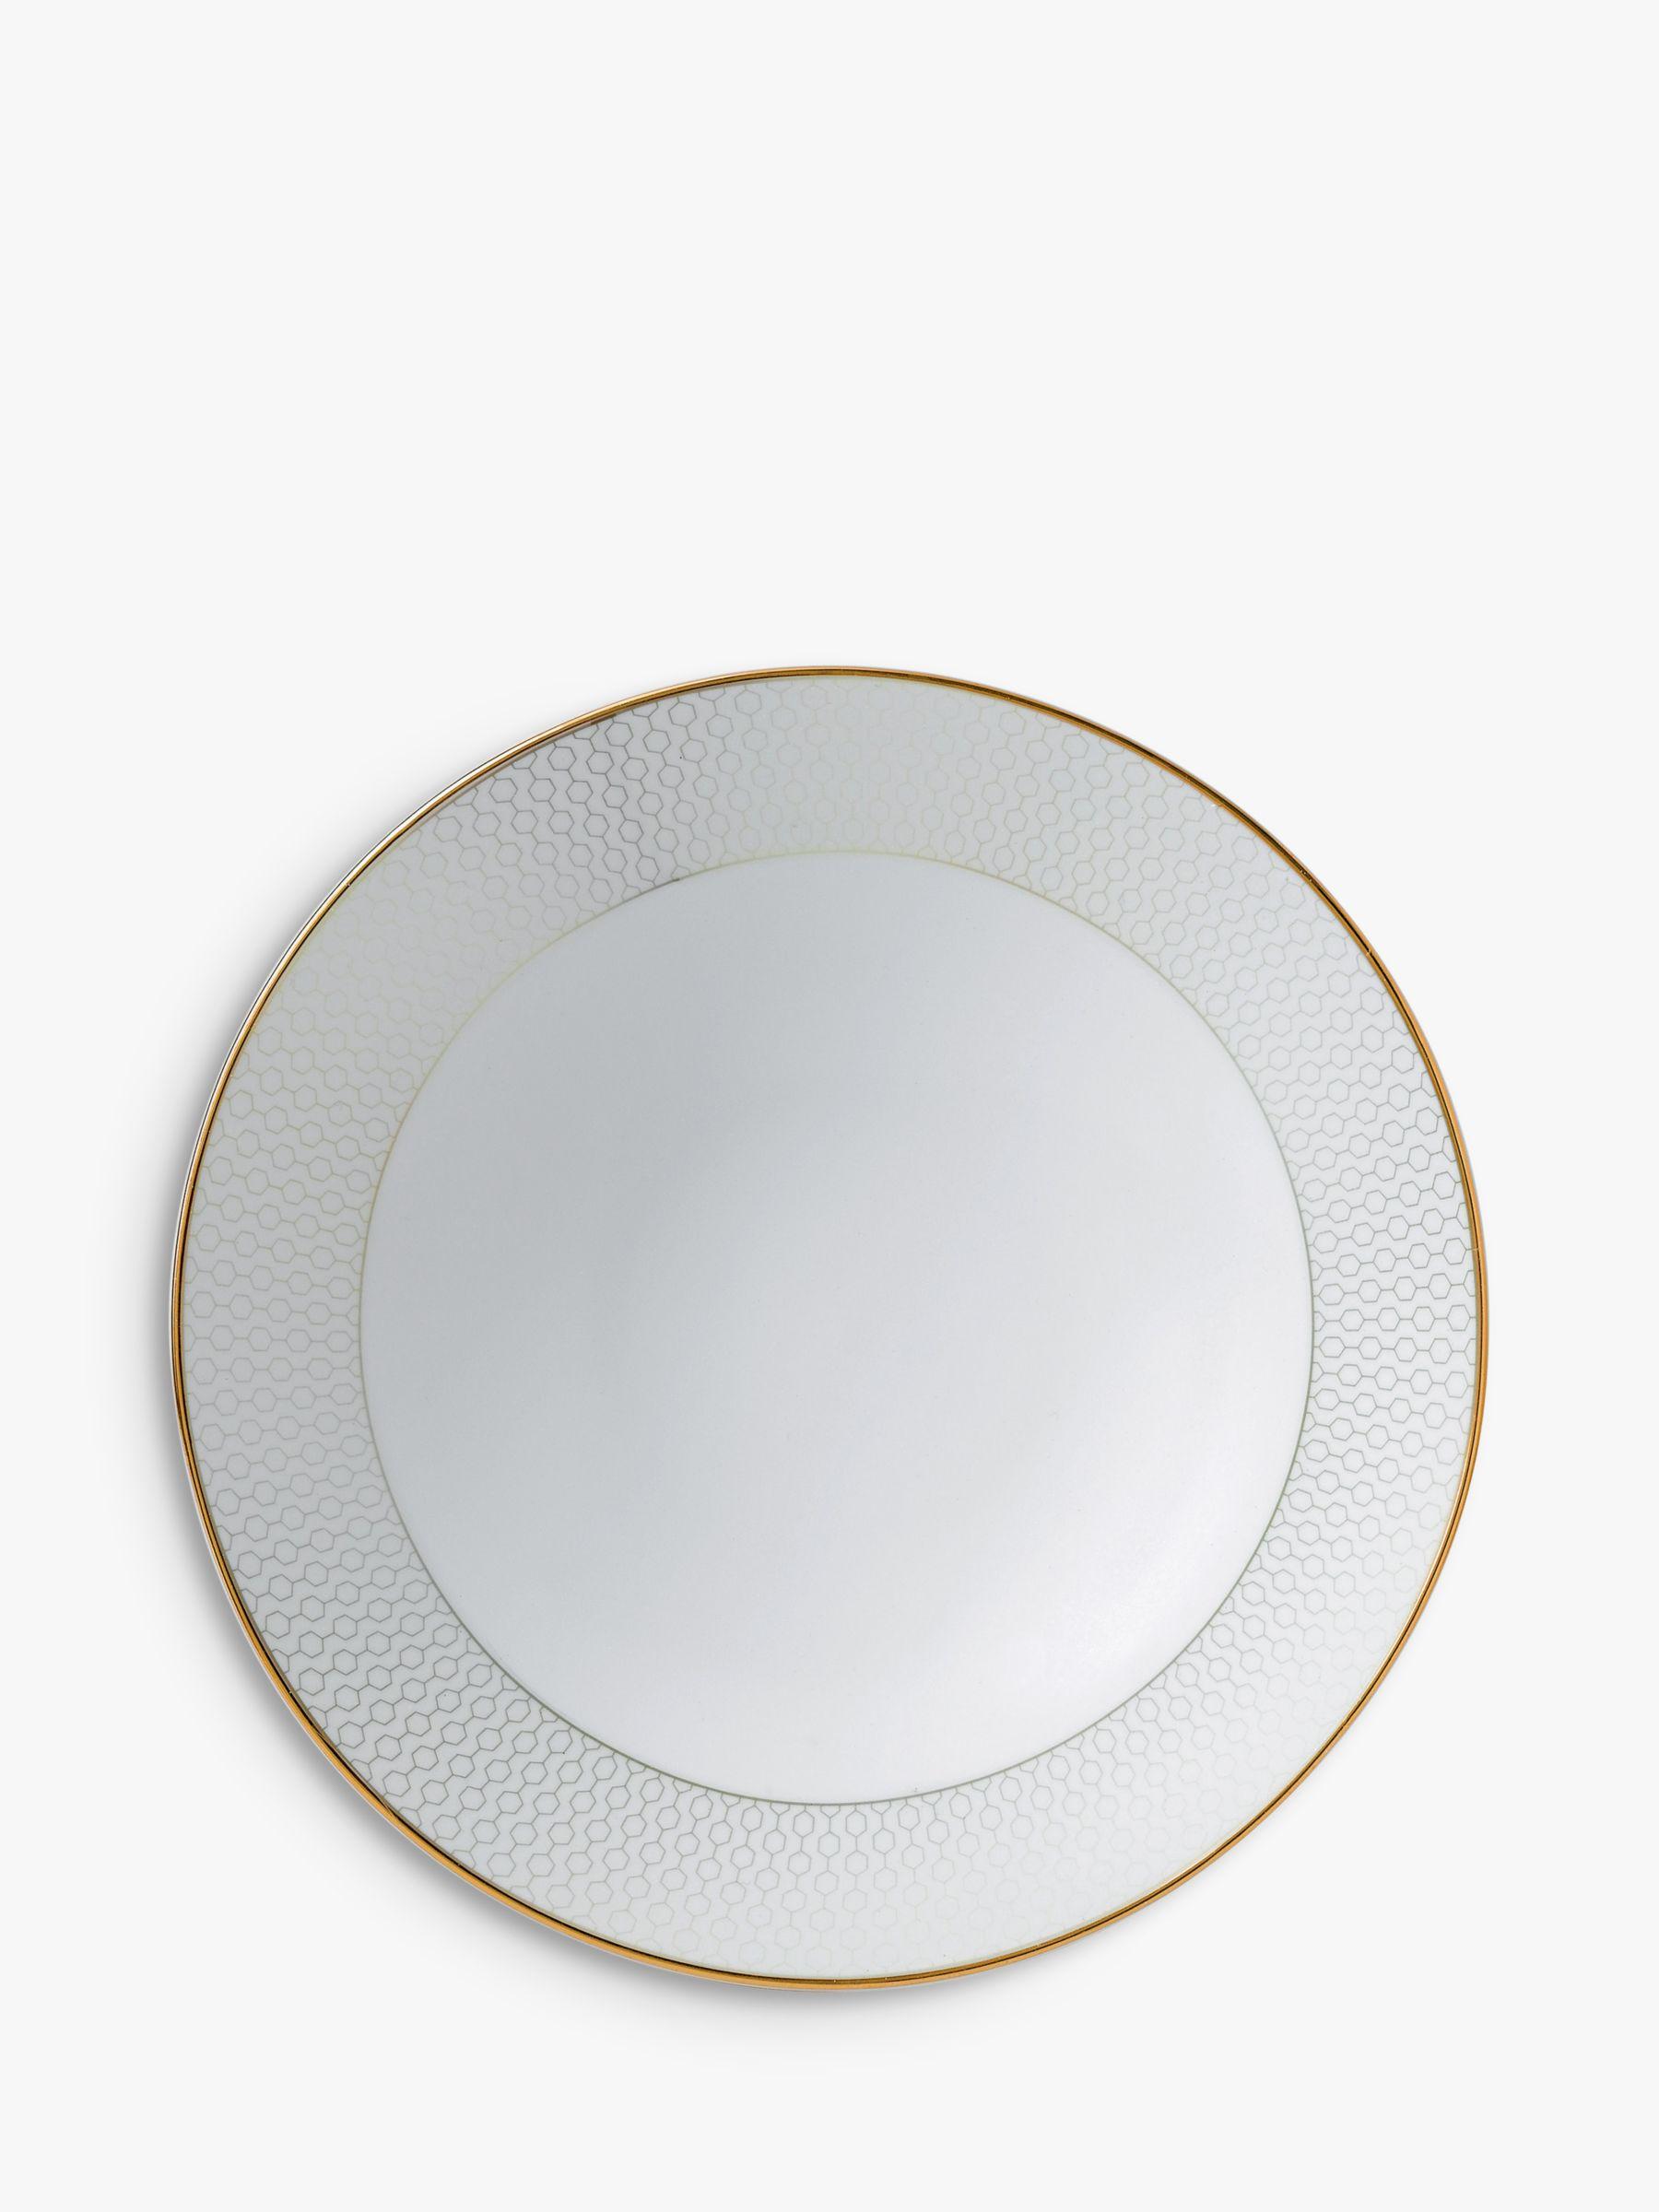 Wedgwood Wedgwood Arris Pasta Bowl, 28cm, Gold/White